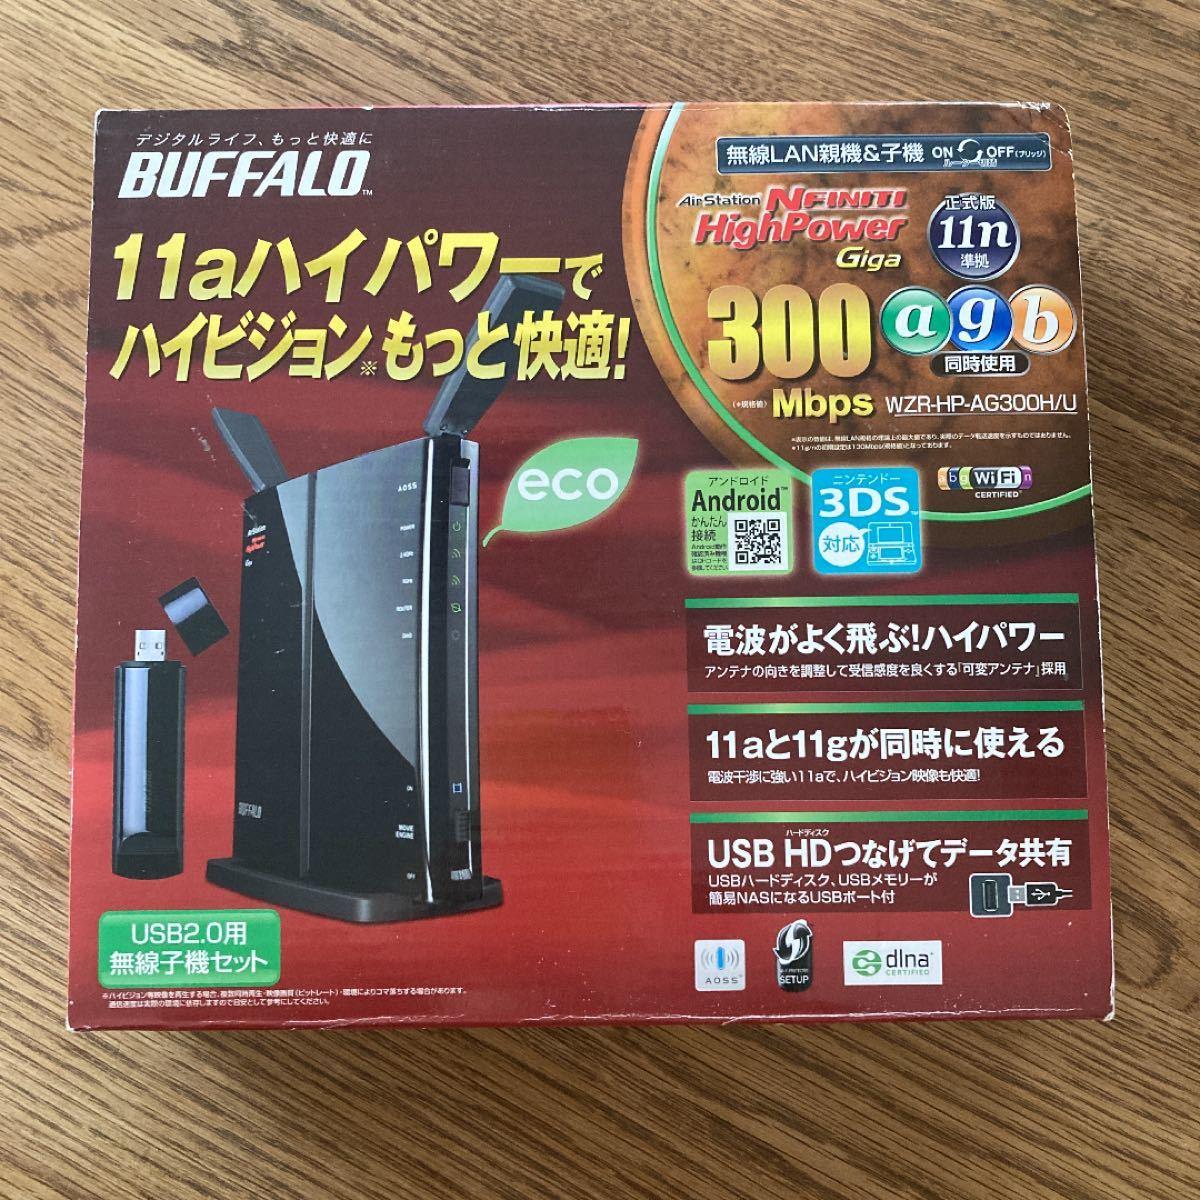 BUFFALO 無線LAN親機 無線LAN 無線LANルーター バッファロー Wi-Fiルーター